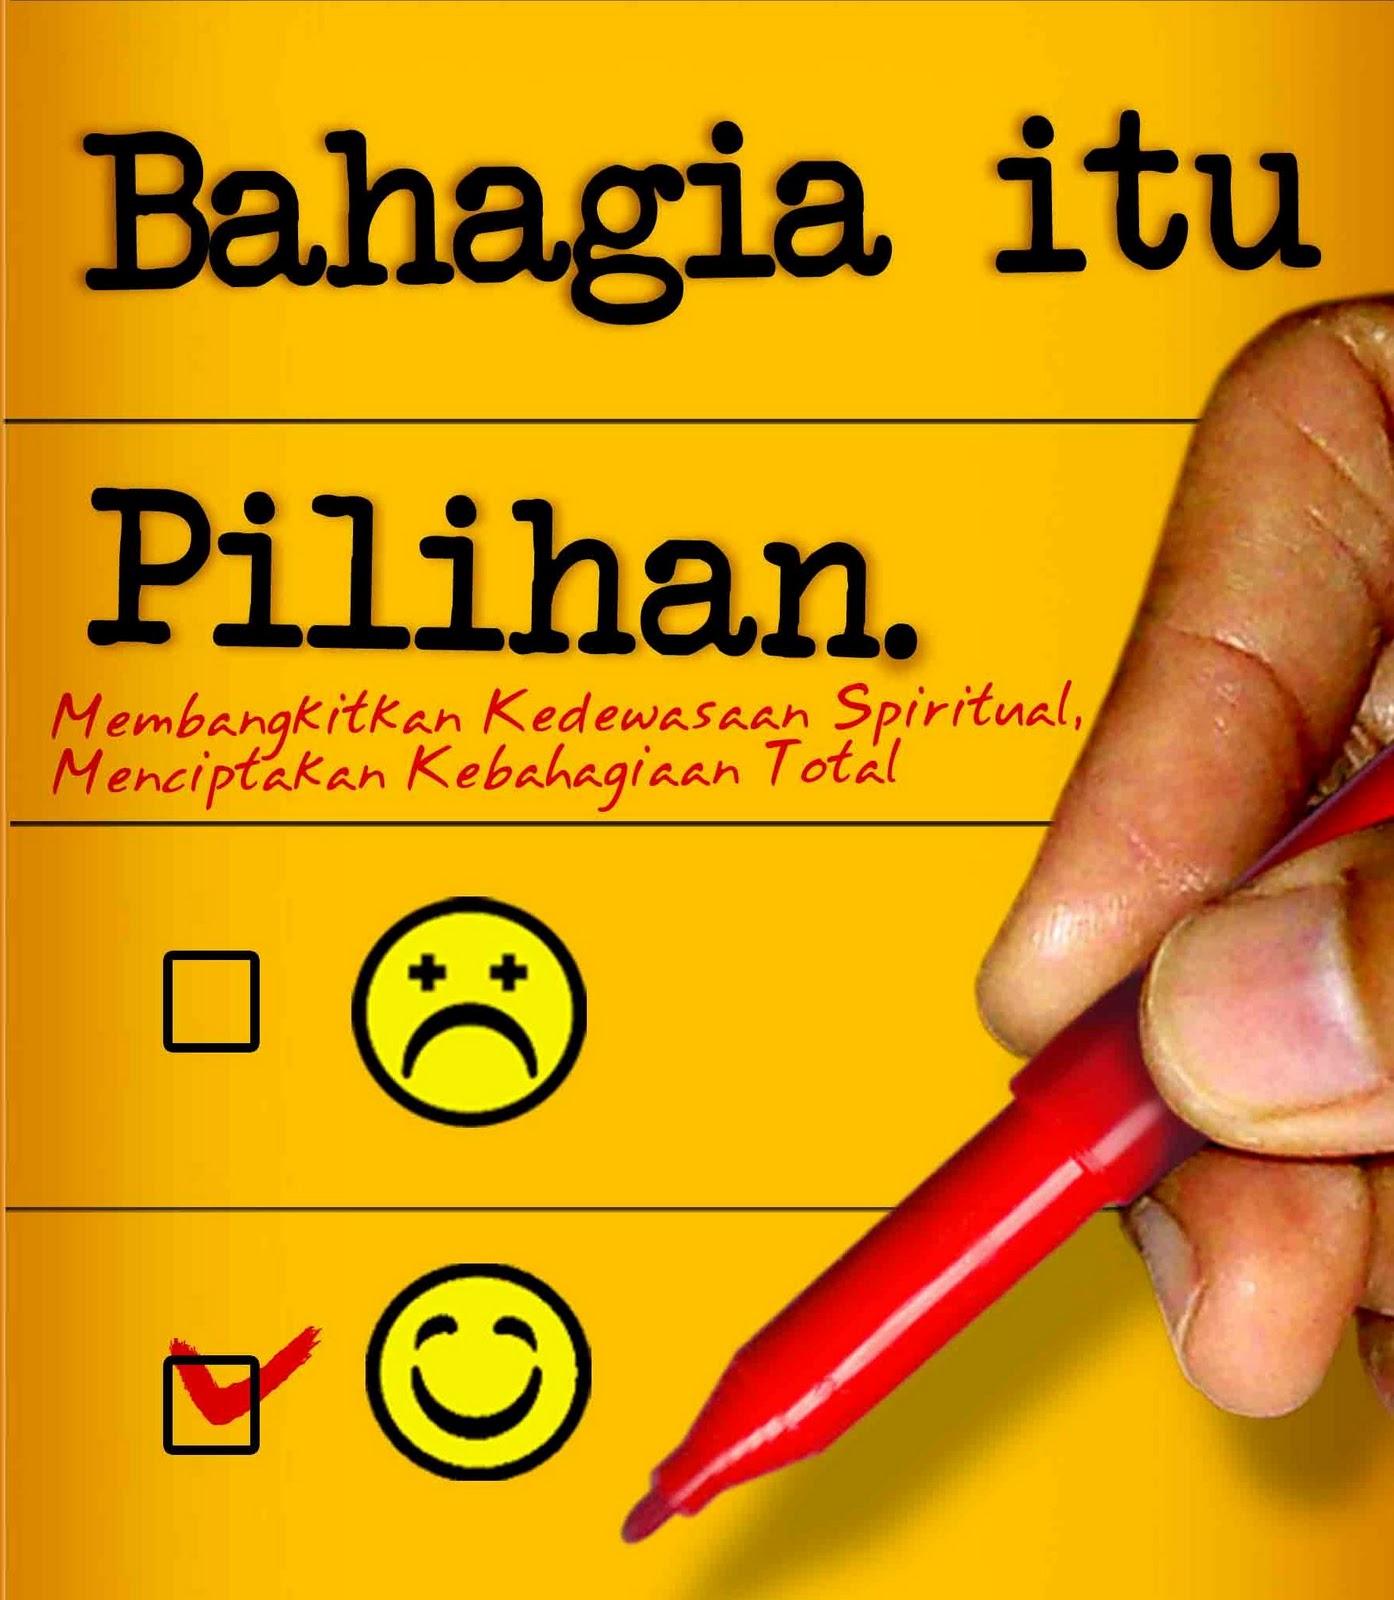 Catatan Engz Kebahagiaan Dari Dalam Diri Sendiri Dalam Hidup